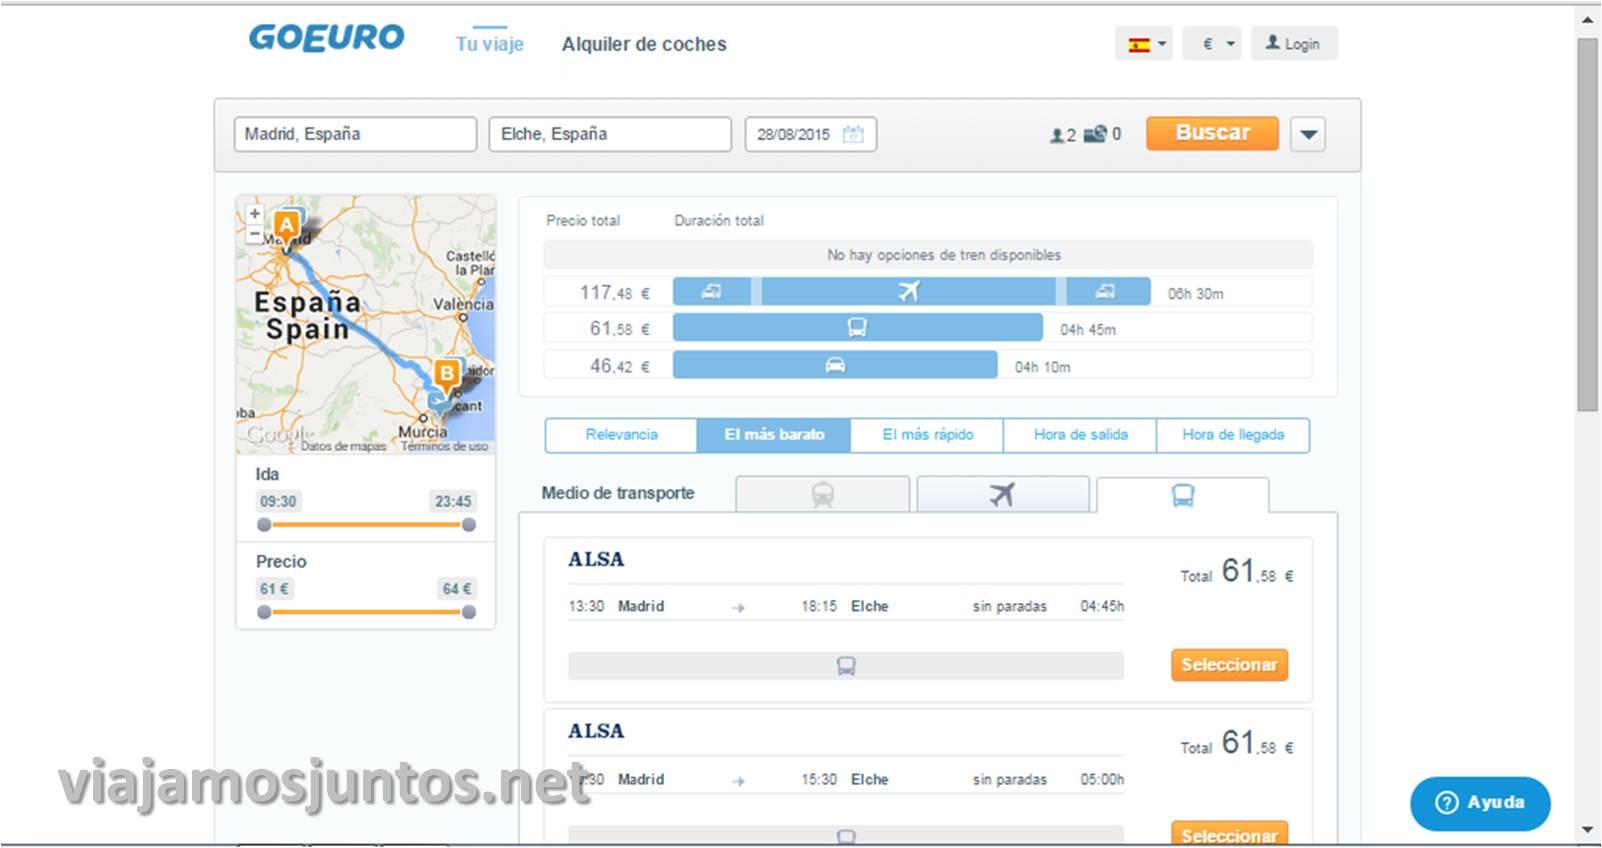 Resultados de transporte de GoEuro Que ver y que hacer en Elche, Alicante, Valencia. Datos prácticos.